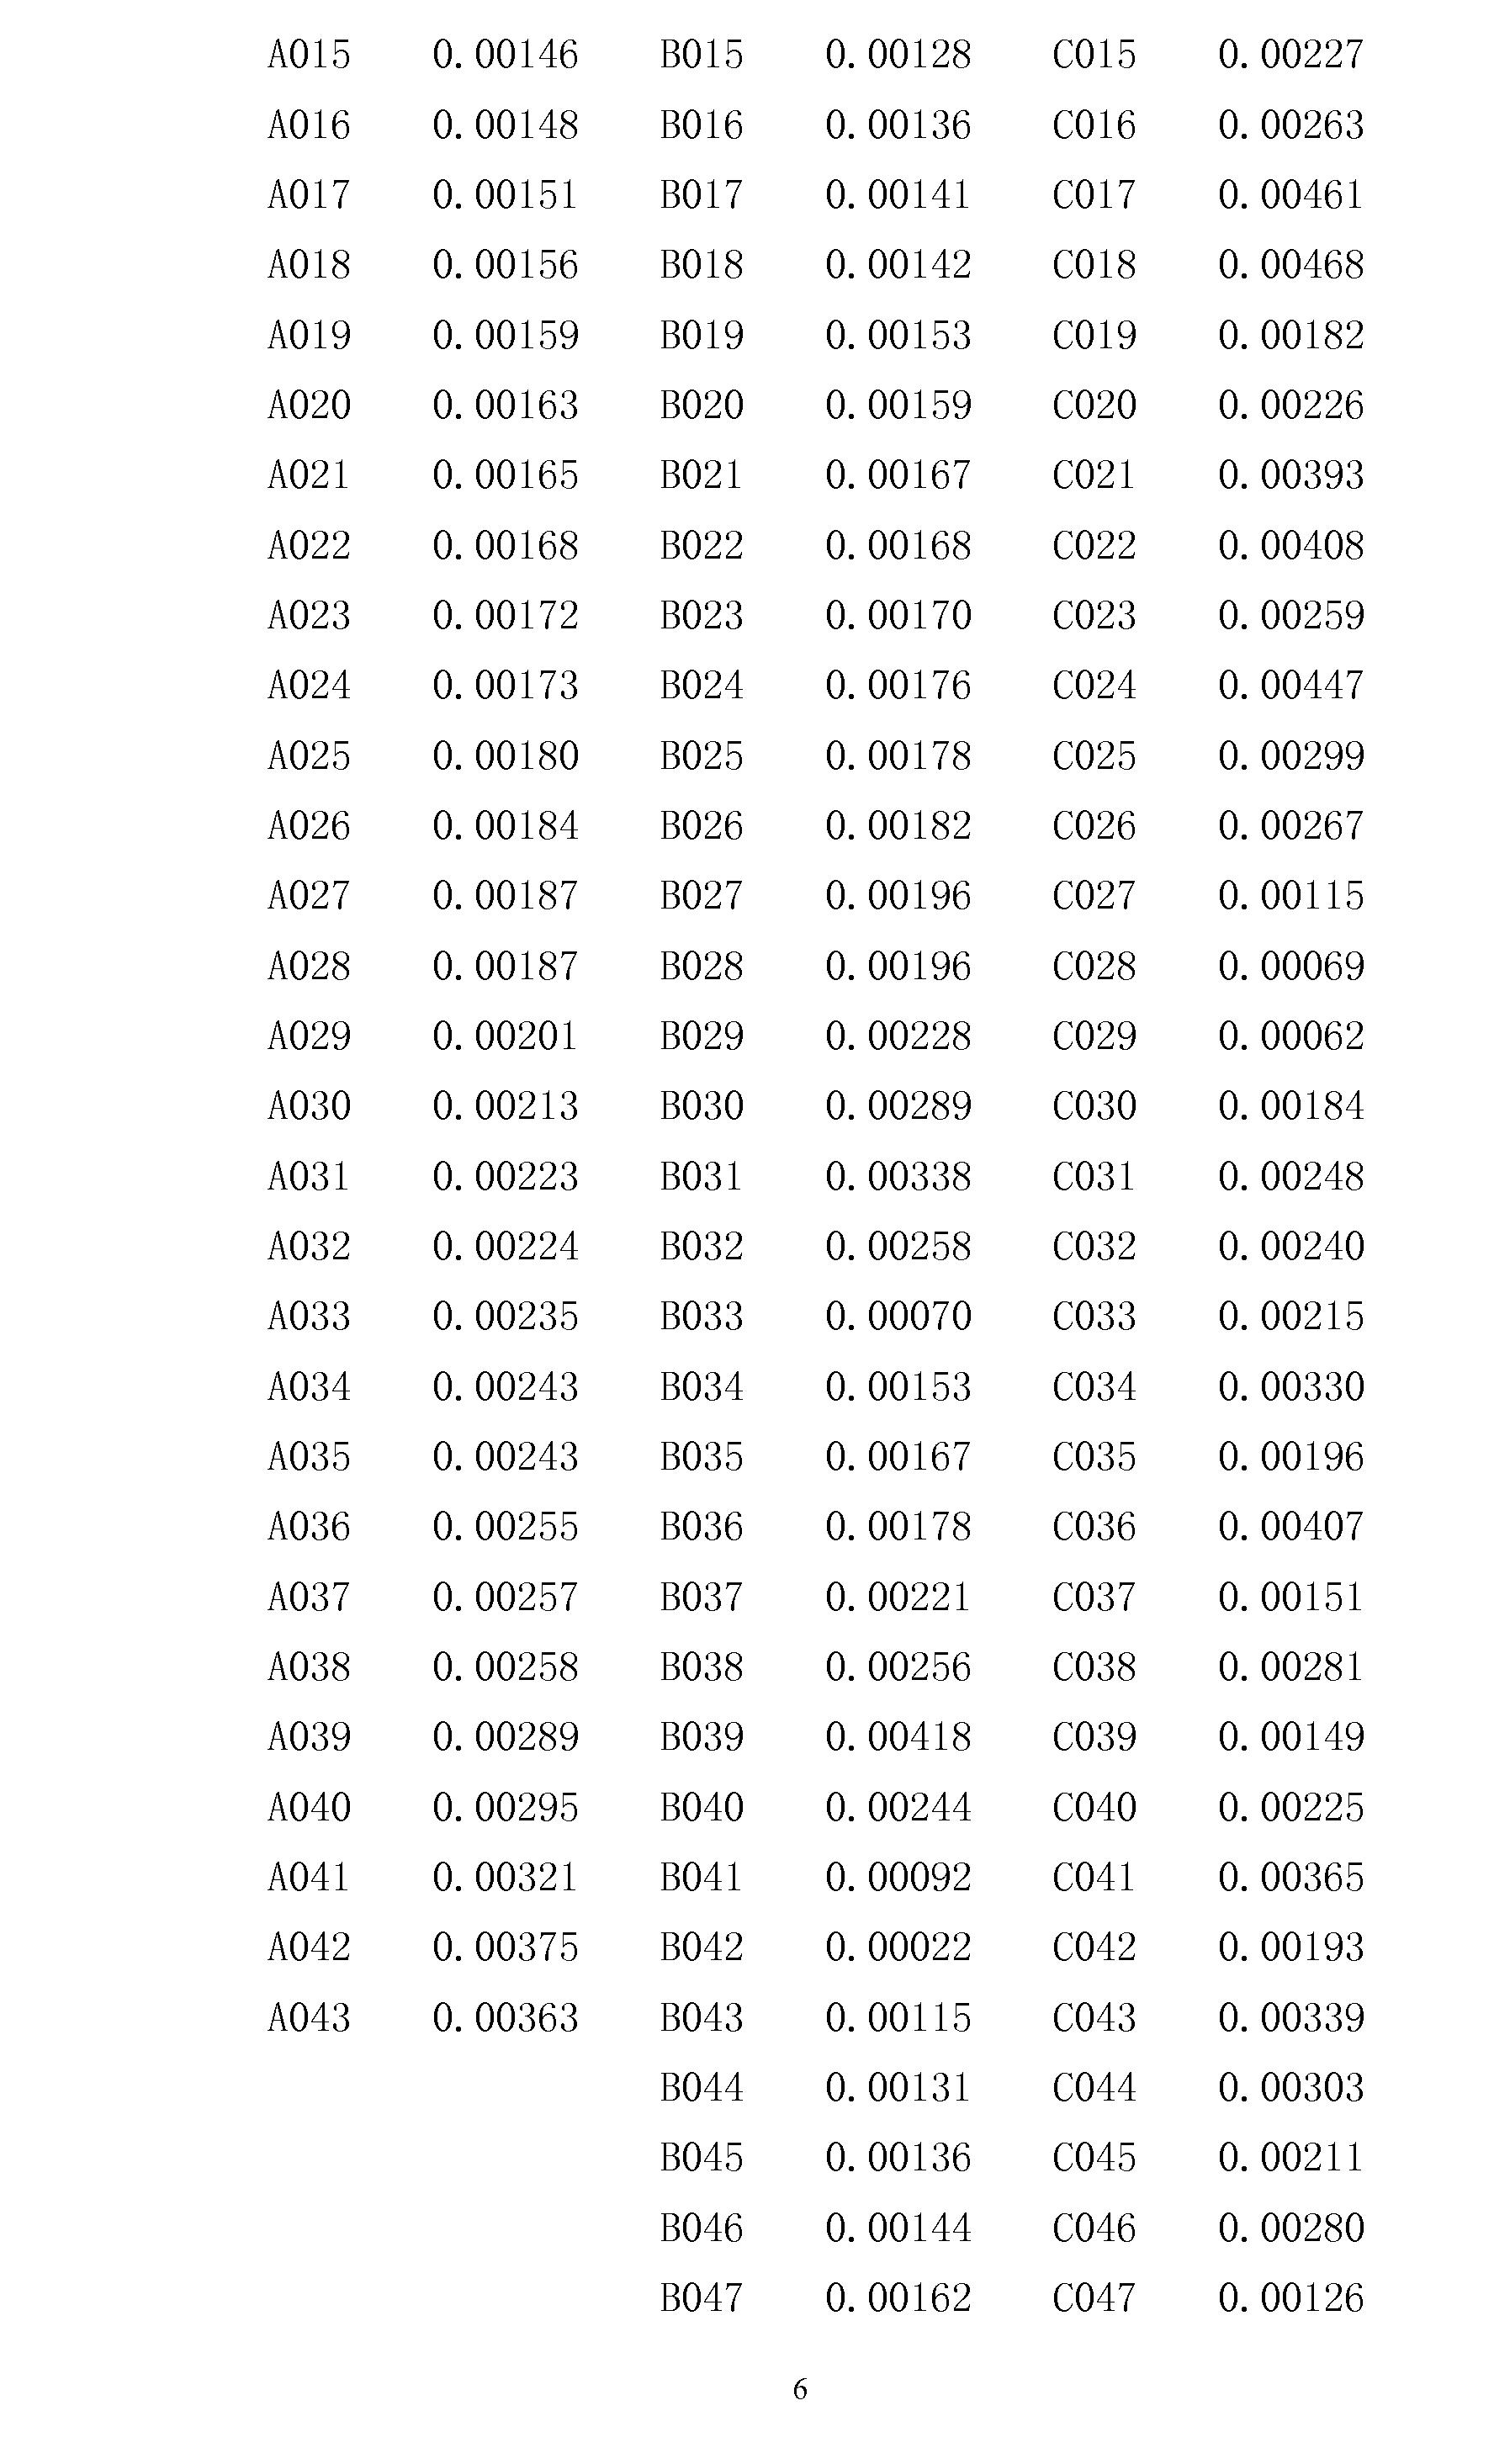 评分: 5.0 共0条评论 桐乡游戏中心免费版 分类: 游戏工具 大小: 11.4M 更新时间: 简介: 桐乡游戏中心是一款以桐乡麻将为主的棋牌类游戏平台,以经典桐乡花麻将系列为.万豪棋牌大厅官方版_万豪炸金花_万豪斗地主_万豪娱乐app下载_9553.评分: 5.0 共0条评论 桐乡游戏中心免费版 分类: 游戏工具 大小: 11.4M 更新时间: 简介: 桐乡游戏中桐乡游戏心是一款以桐乡麻将为主的棋牌类游戏平台,以经典桐乡花麻将系列为.